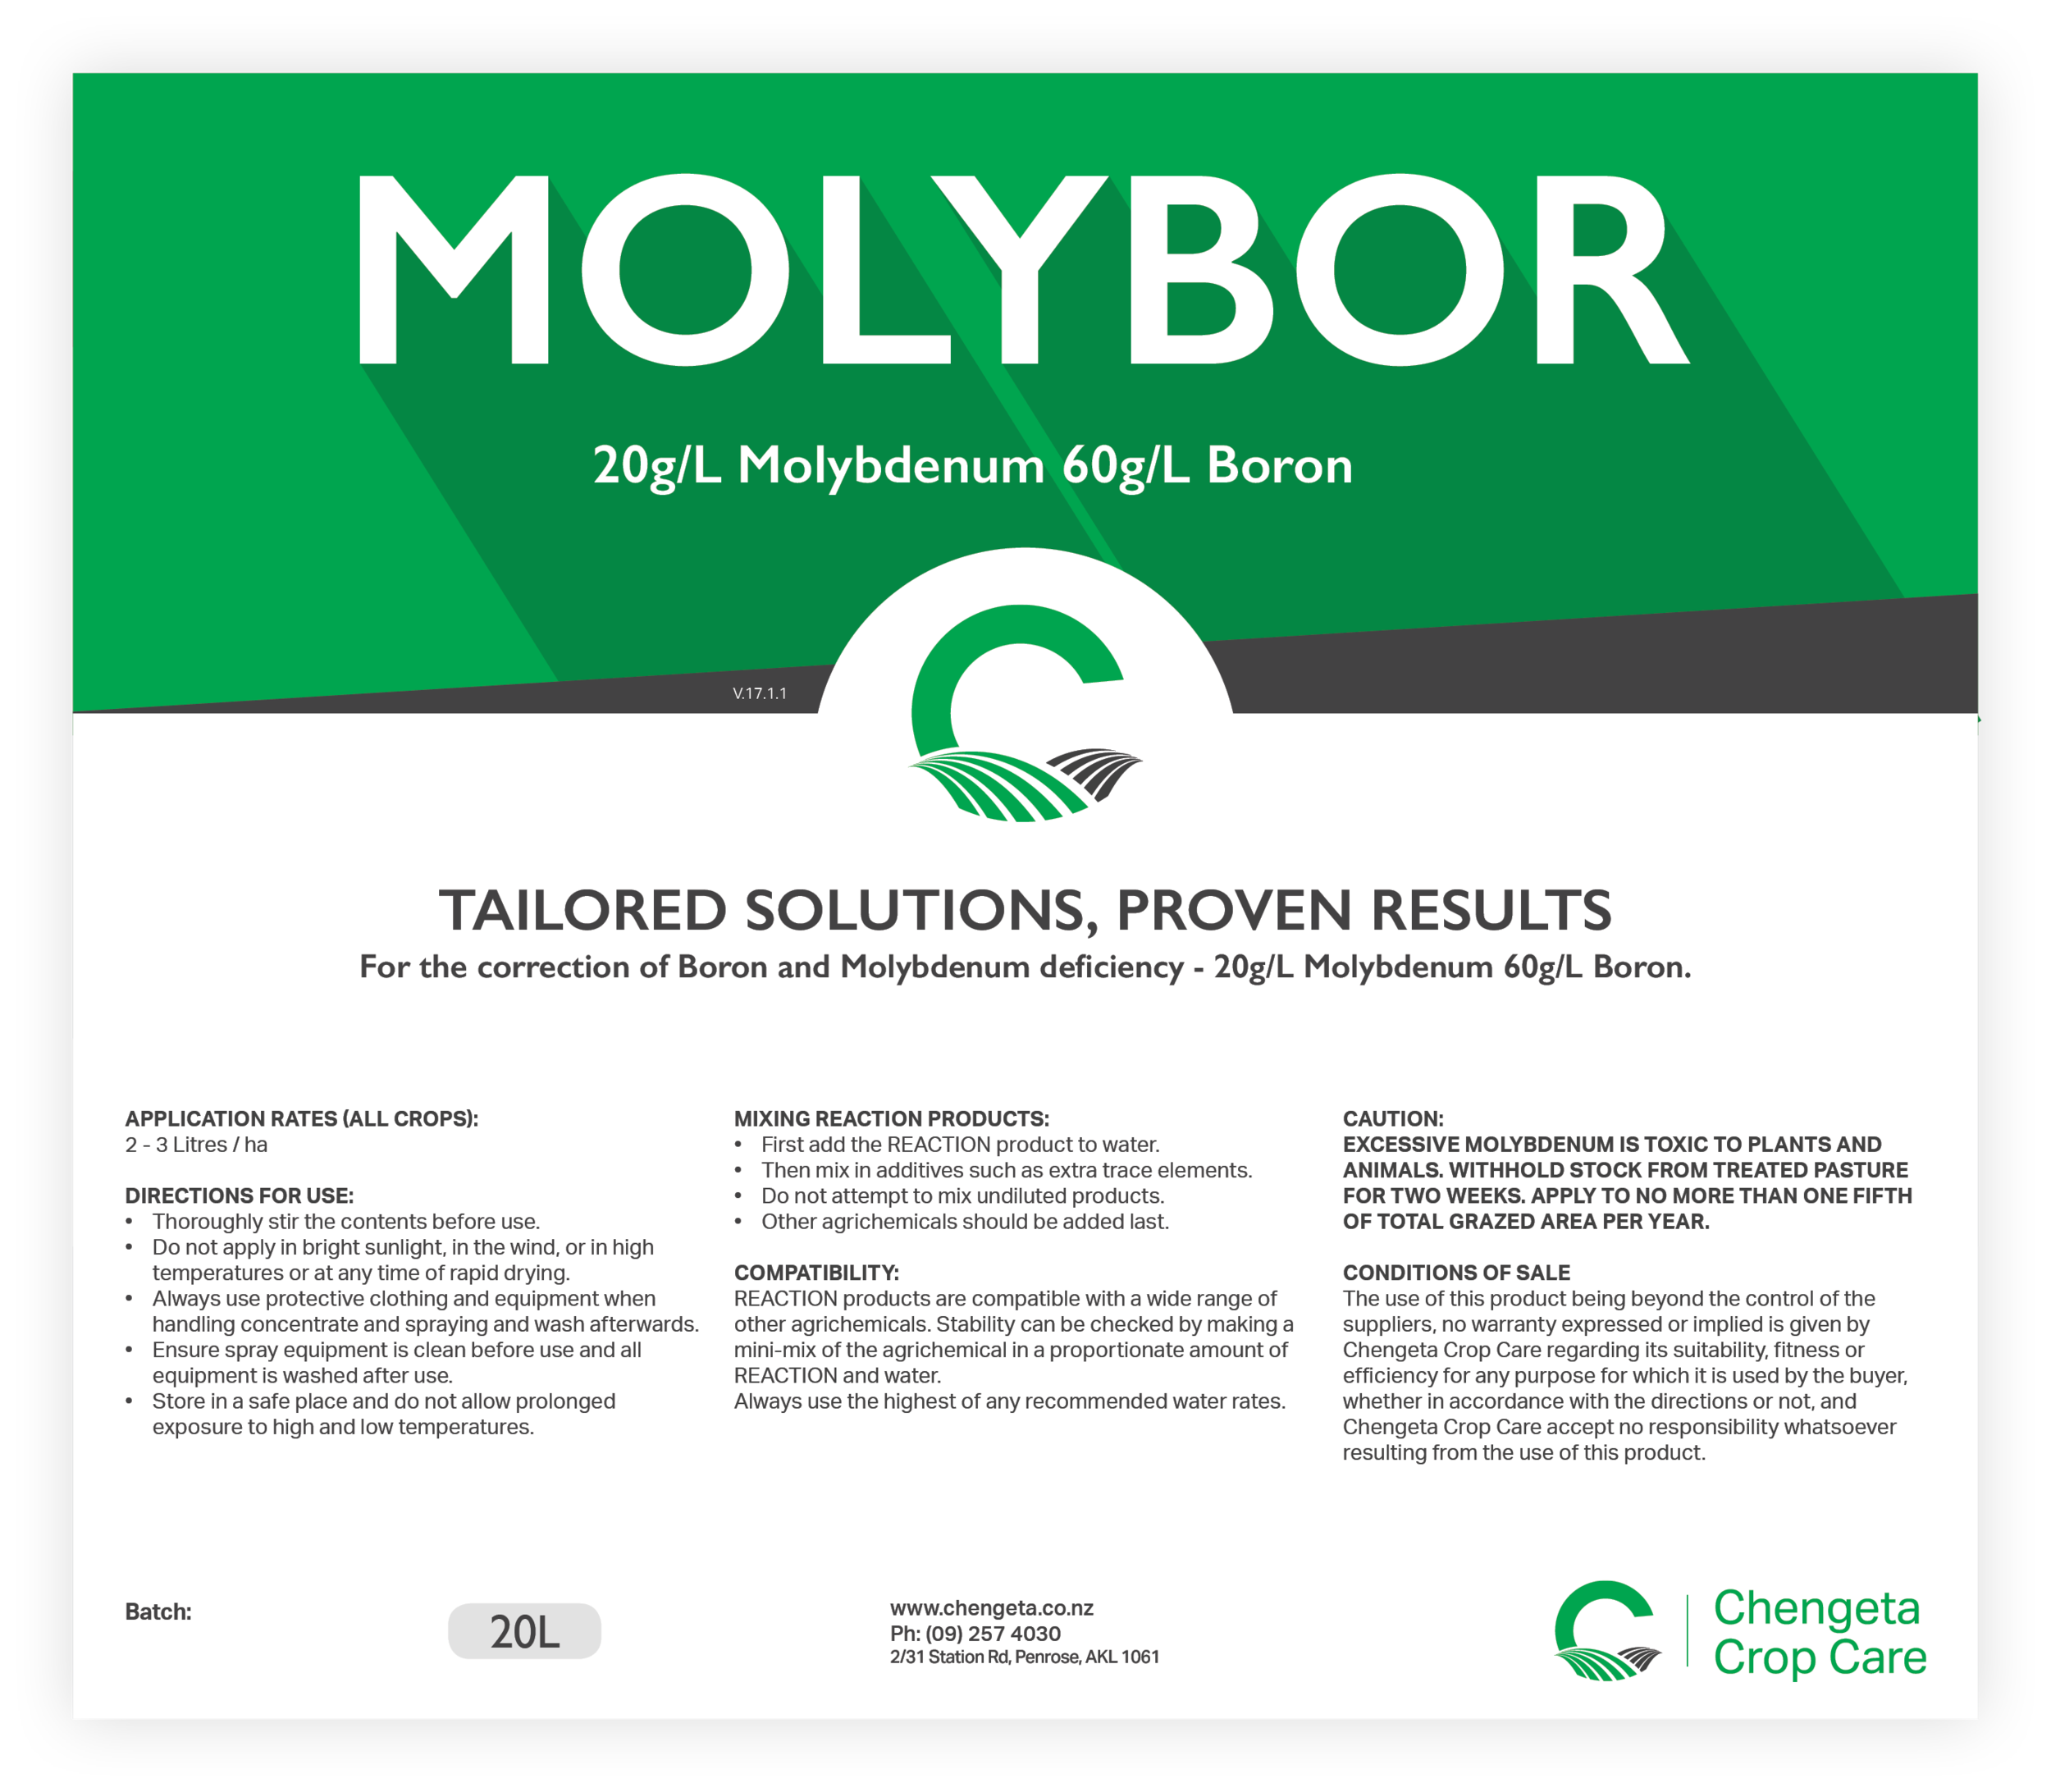 Molybor V.17.1.1 [20L].png